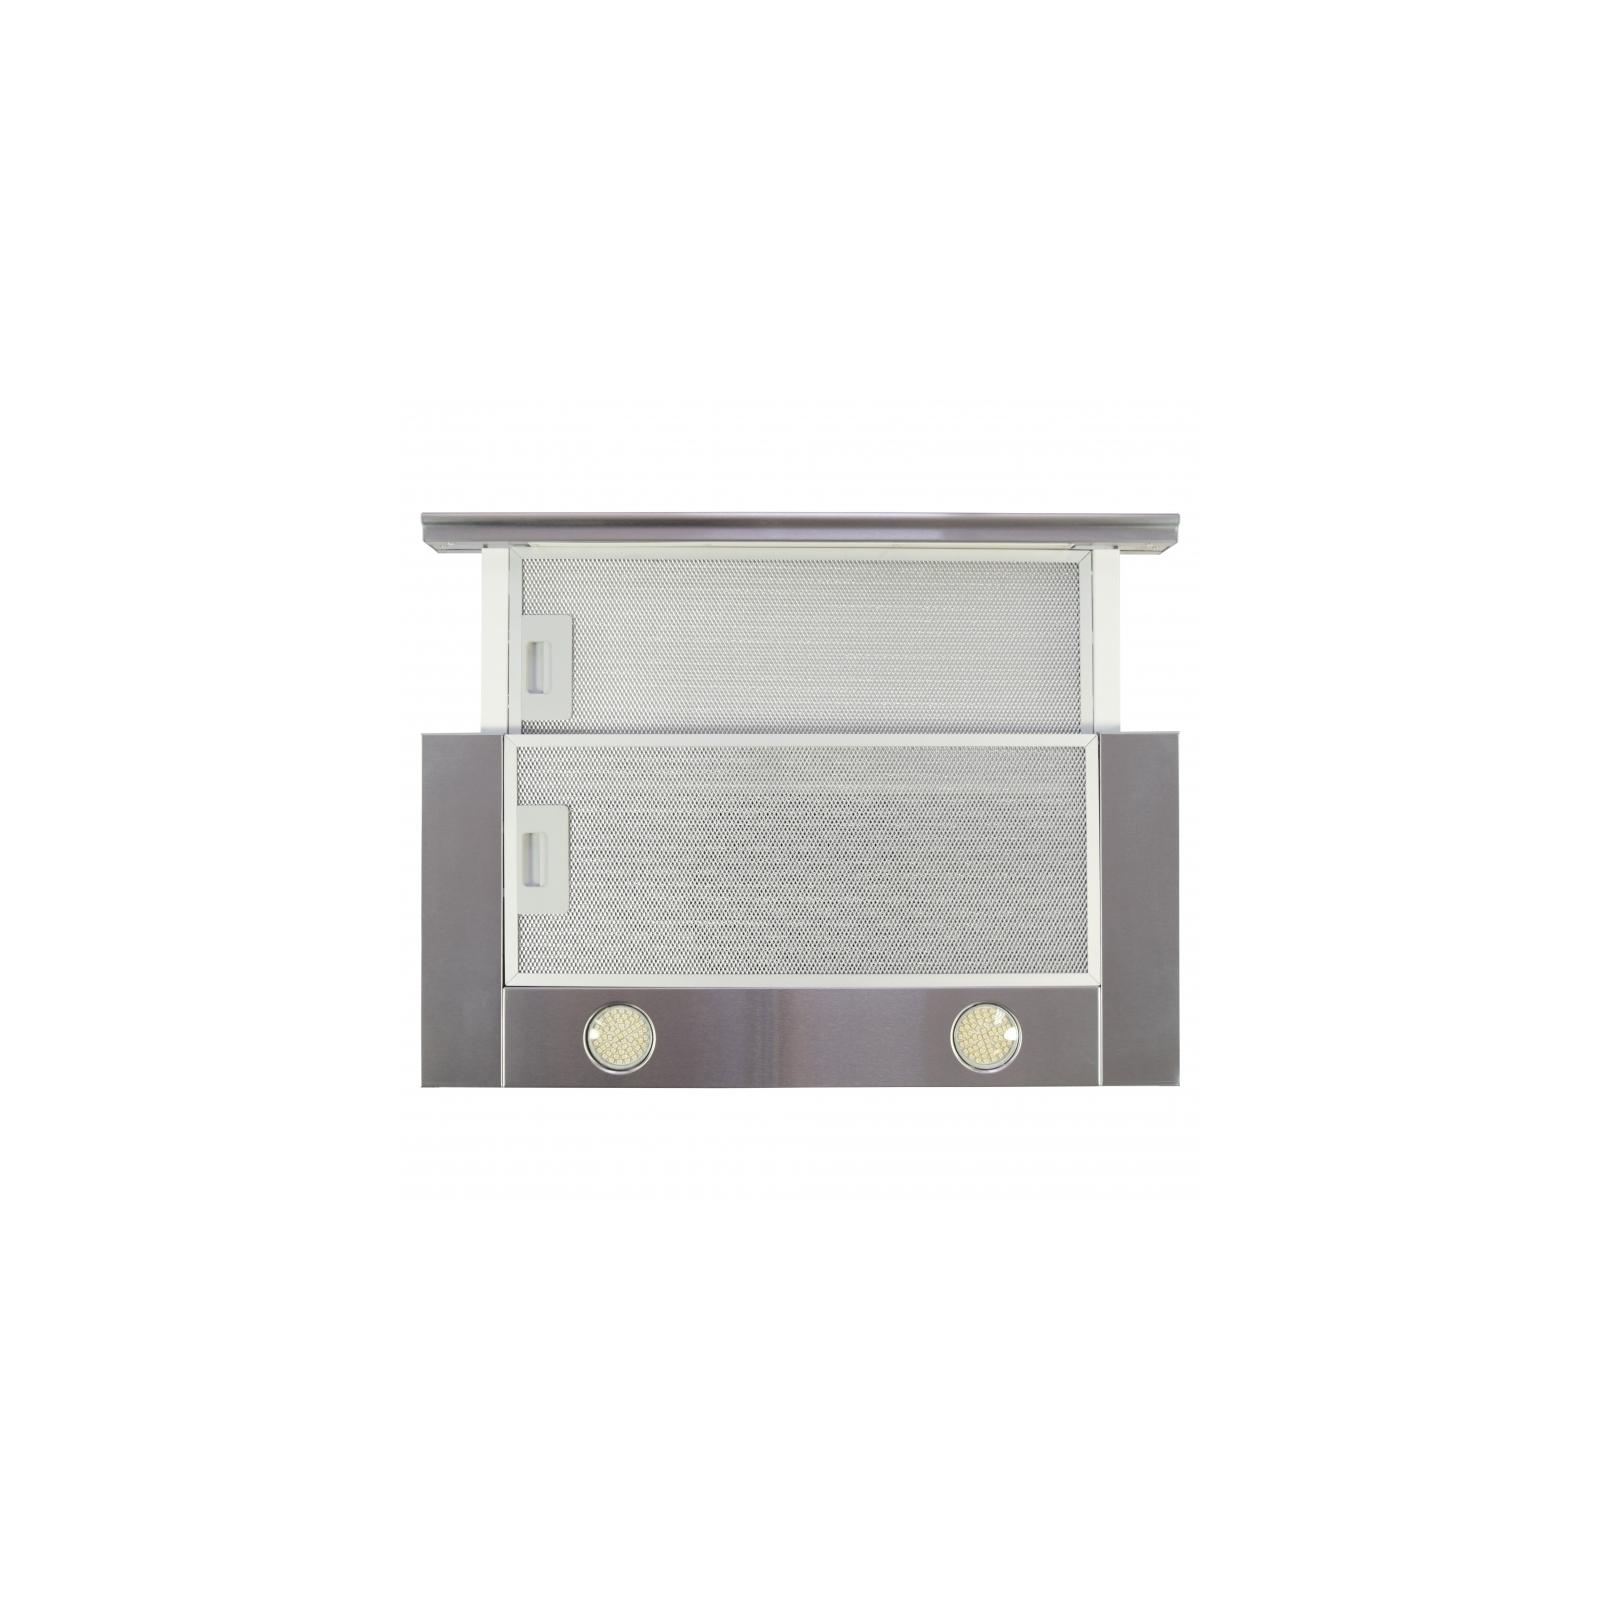 Вытяжка кухонная ELEYUS Storm 1200 LED 60 IS изображение 5